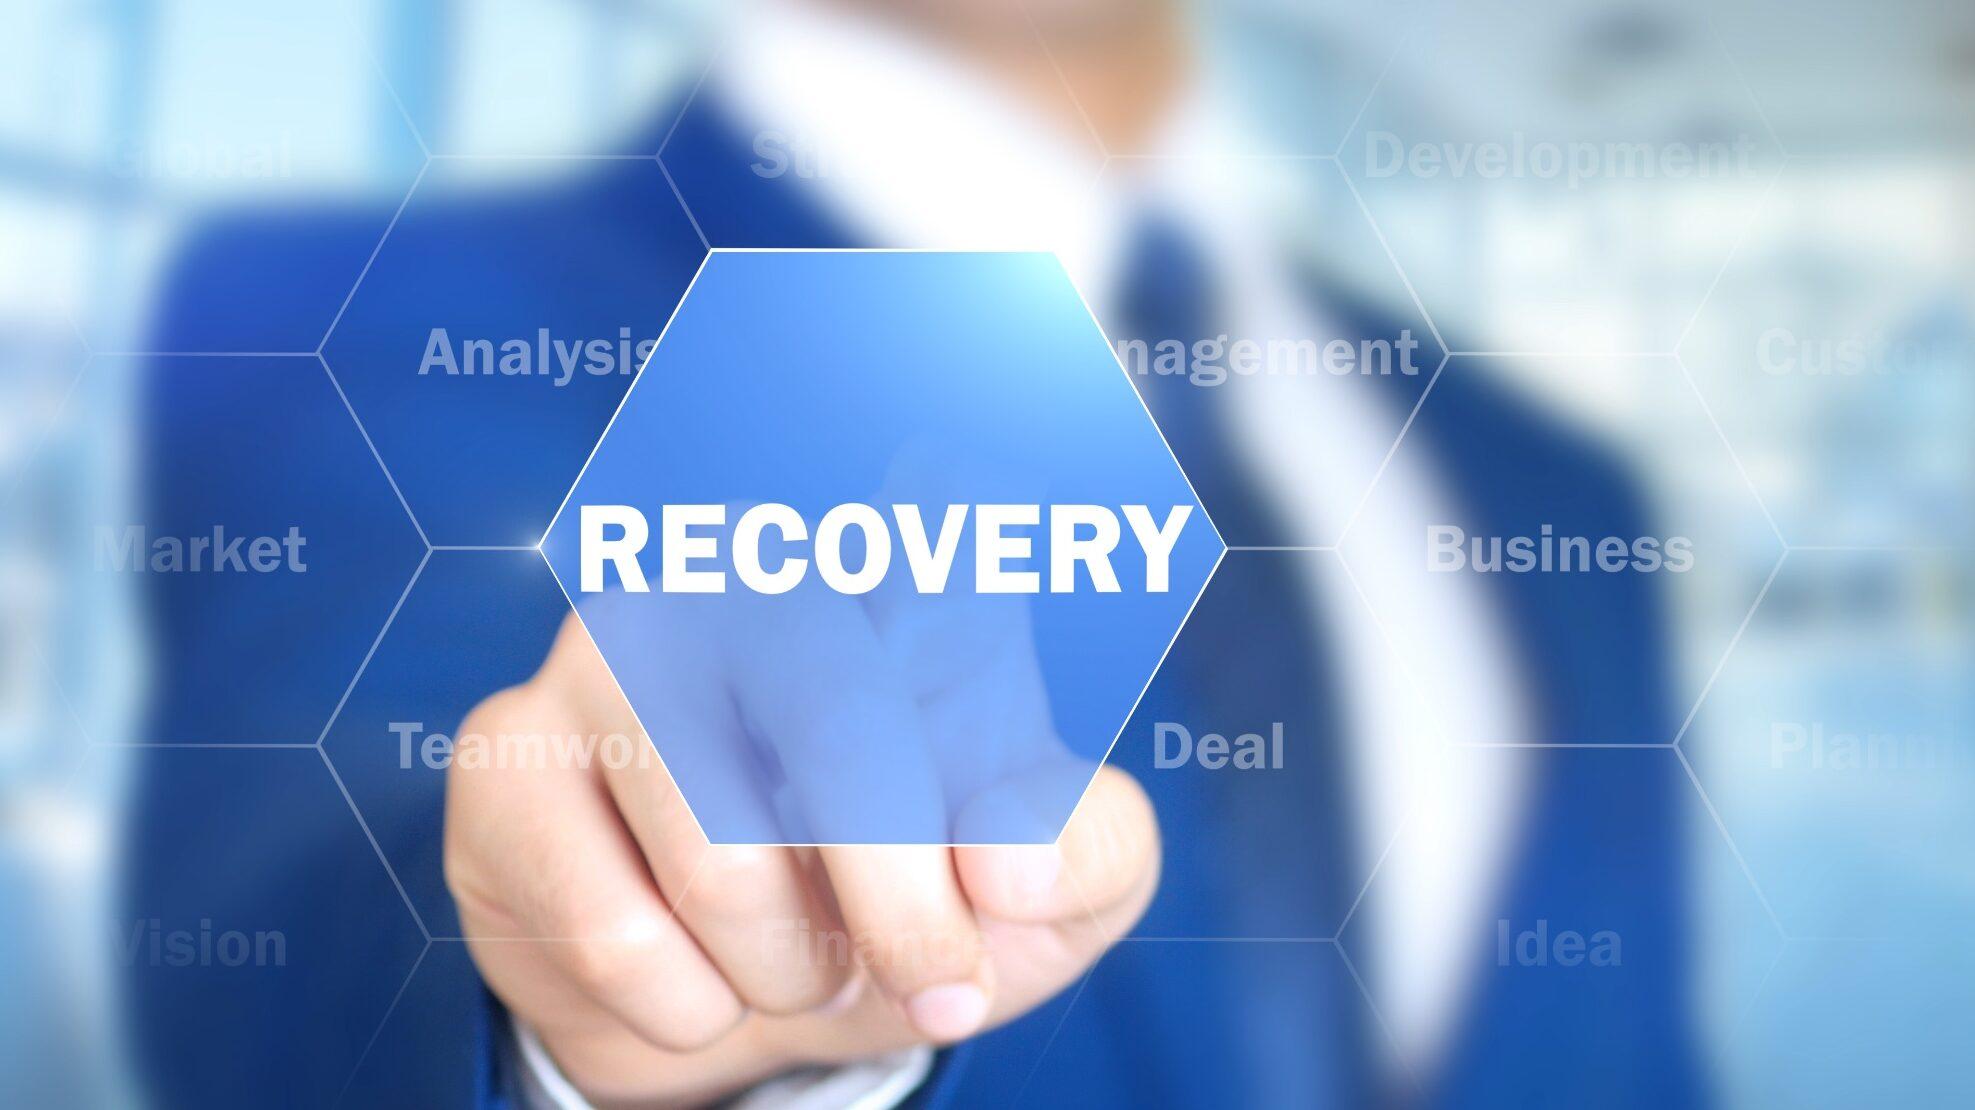 Come saranno spesi i soldi del piano di ripresa e resilienza